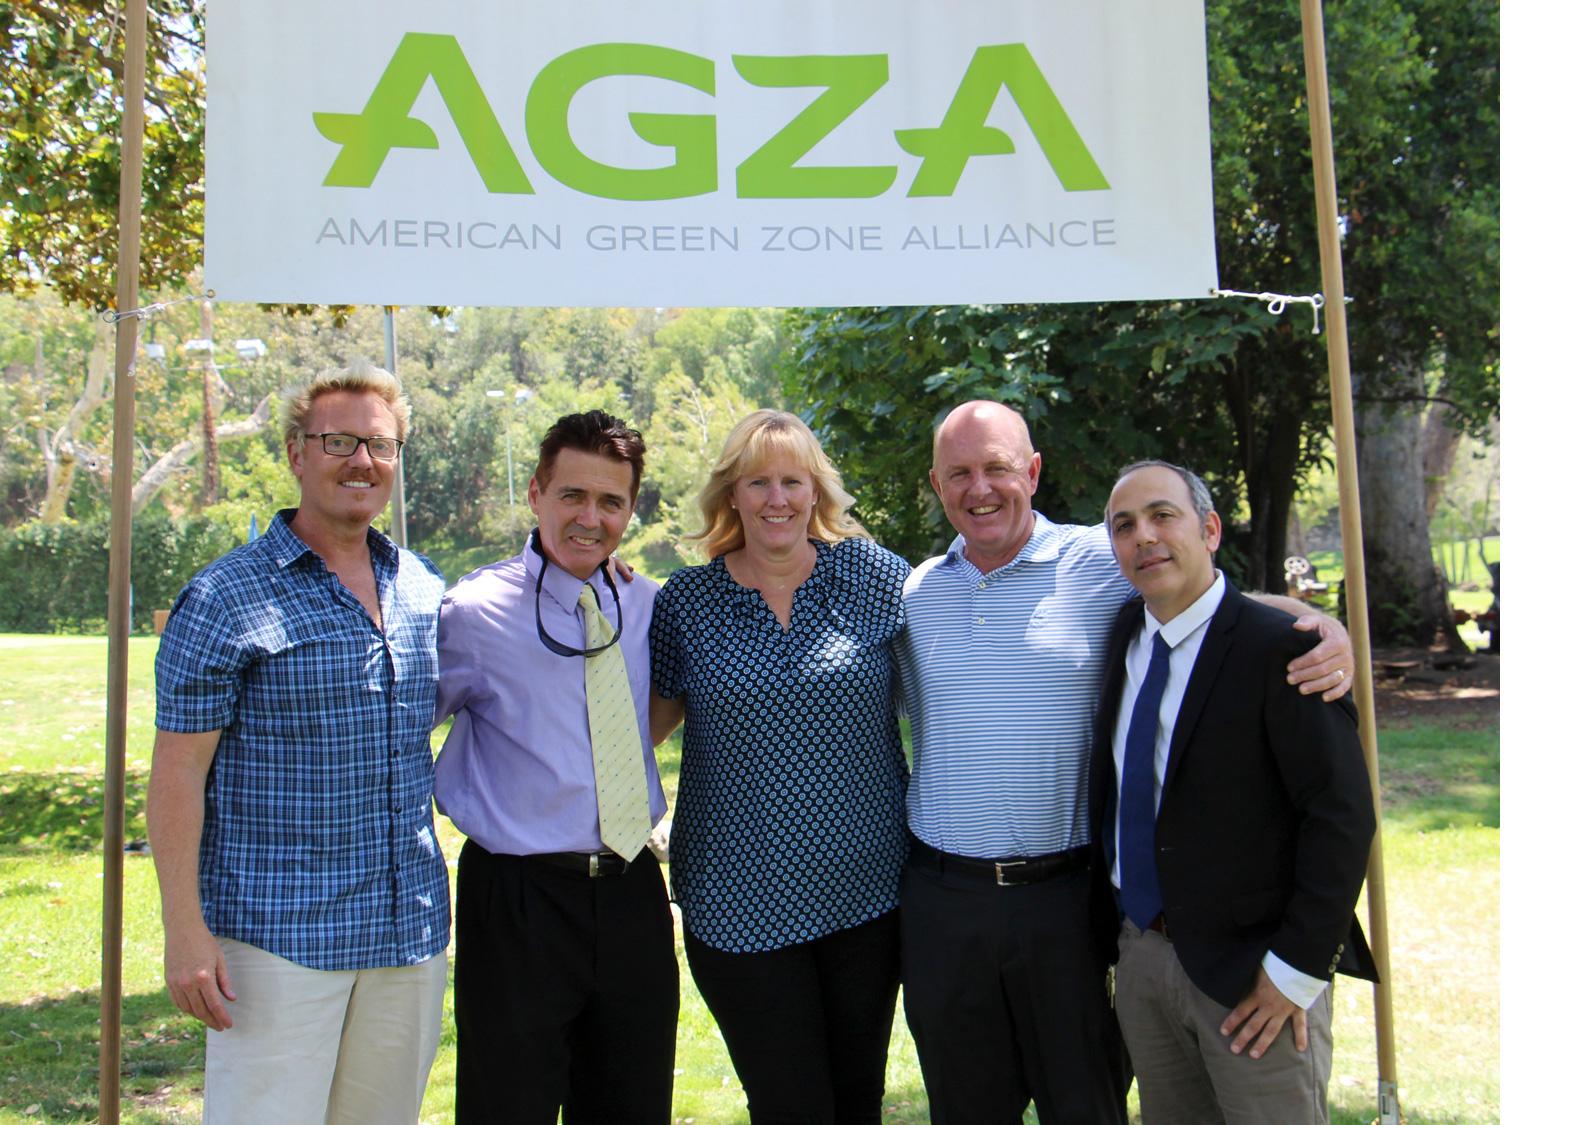 AGZA_GZ_ASGC_AGZA_sign_group_1500_margin.jpg